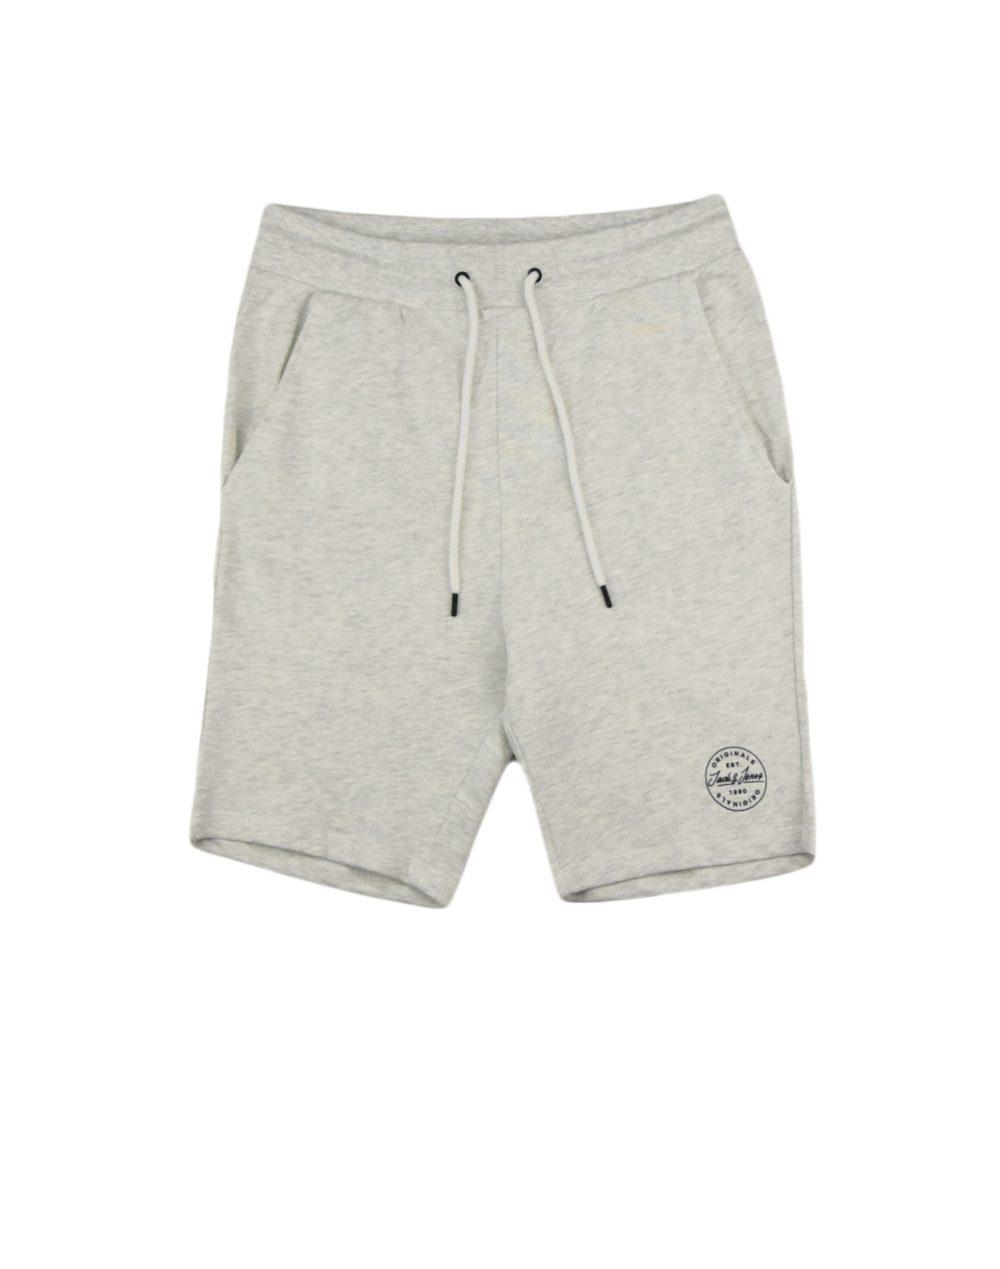 Jack & Jones Shark Sweat Short (12174129) White Melange